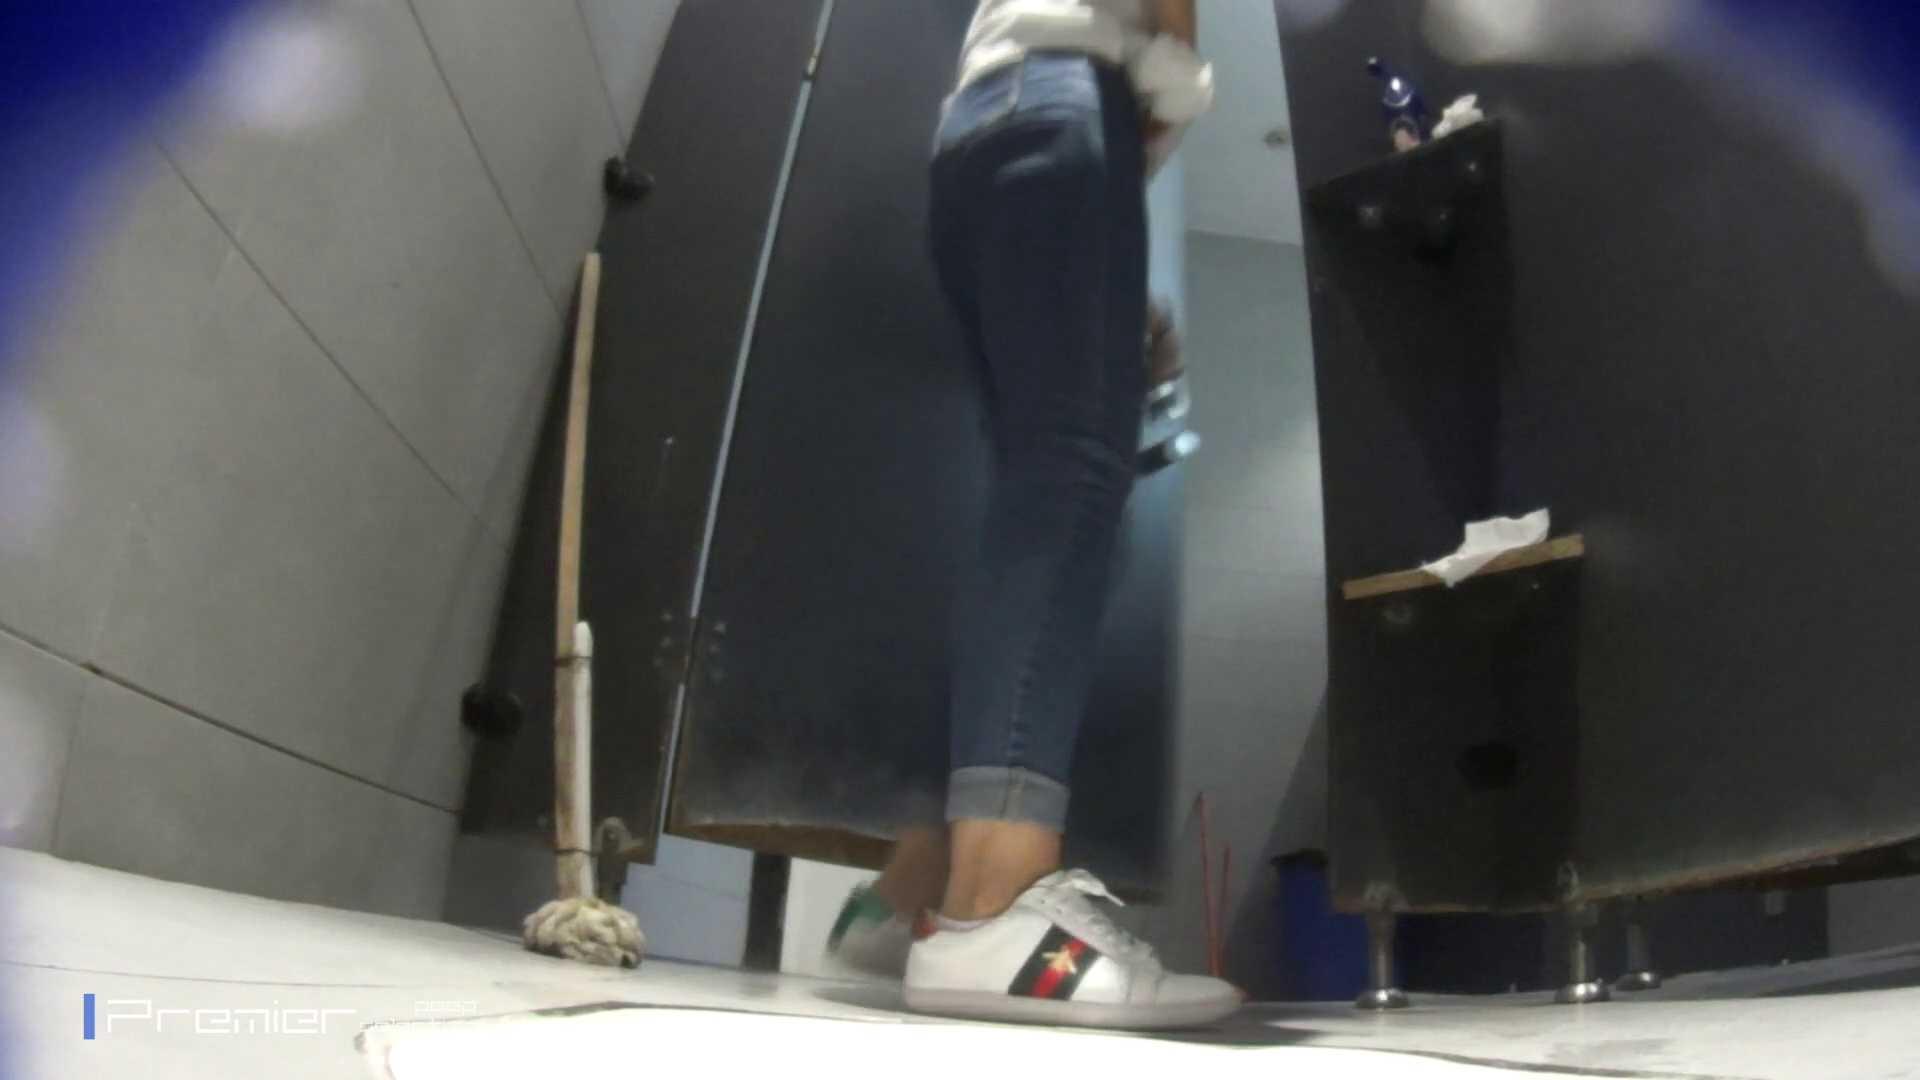 派手なスニーカーの女の子 大学休憩時間の洗面所事情63 丸見え | 高画質動画  89画像 1